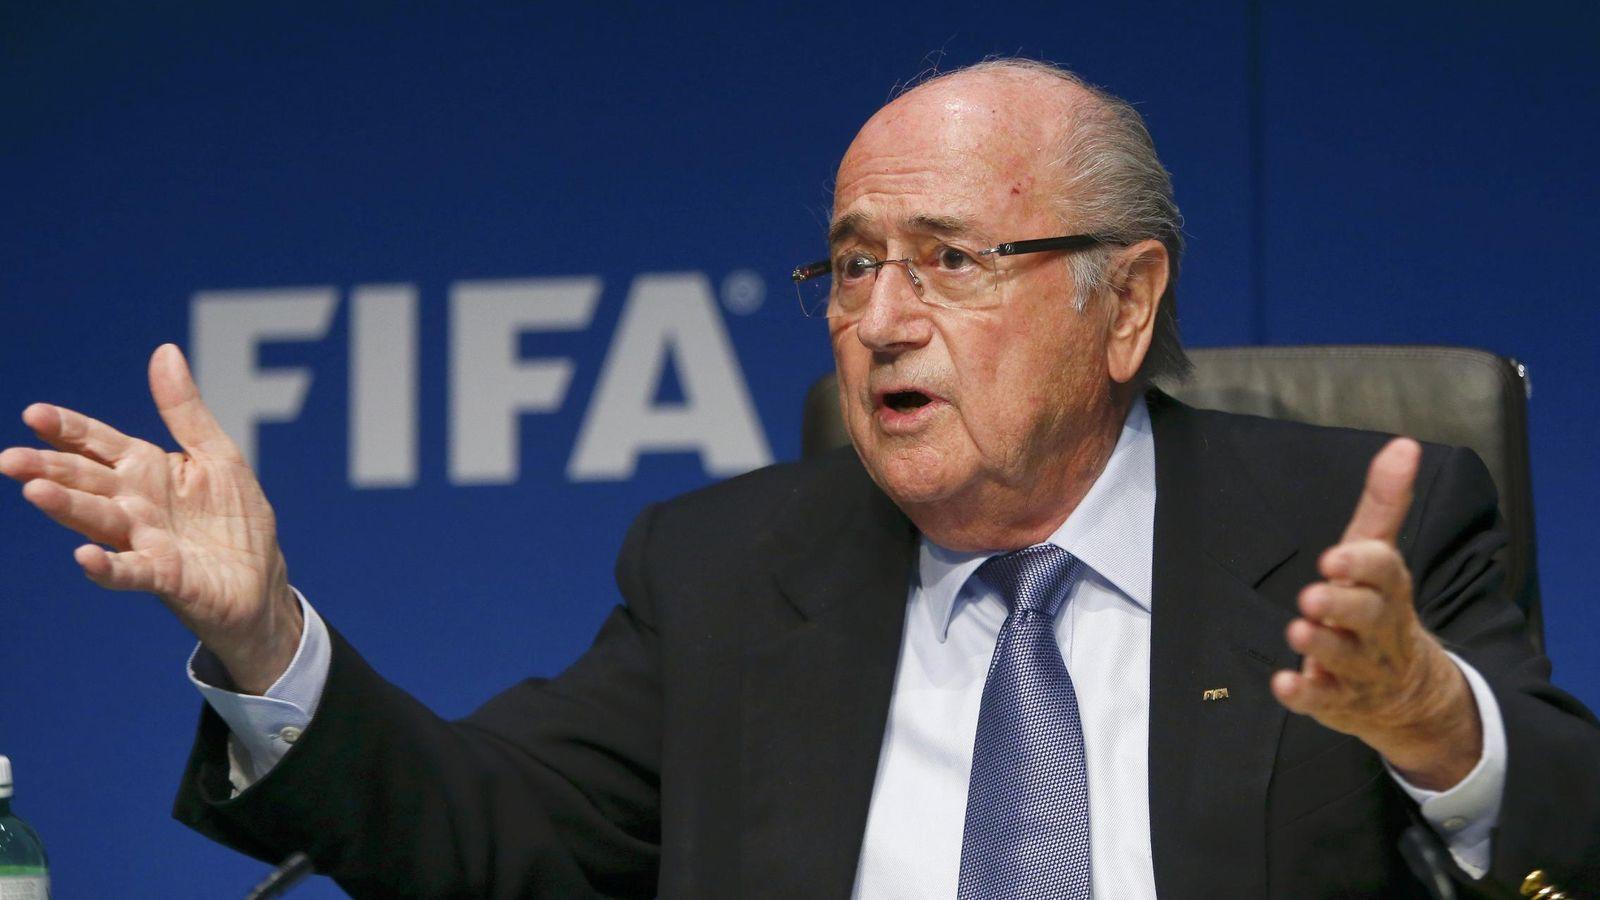 Foto: Joseph Blatter, presidente de FIFA, asegura no tener conocimiento de la trama de corrupción de su organismo.